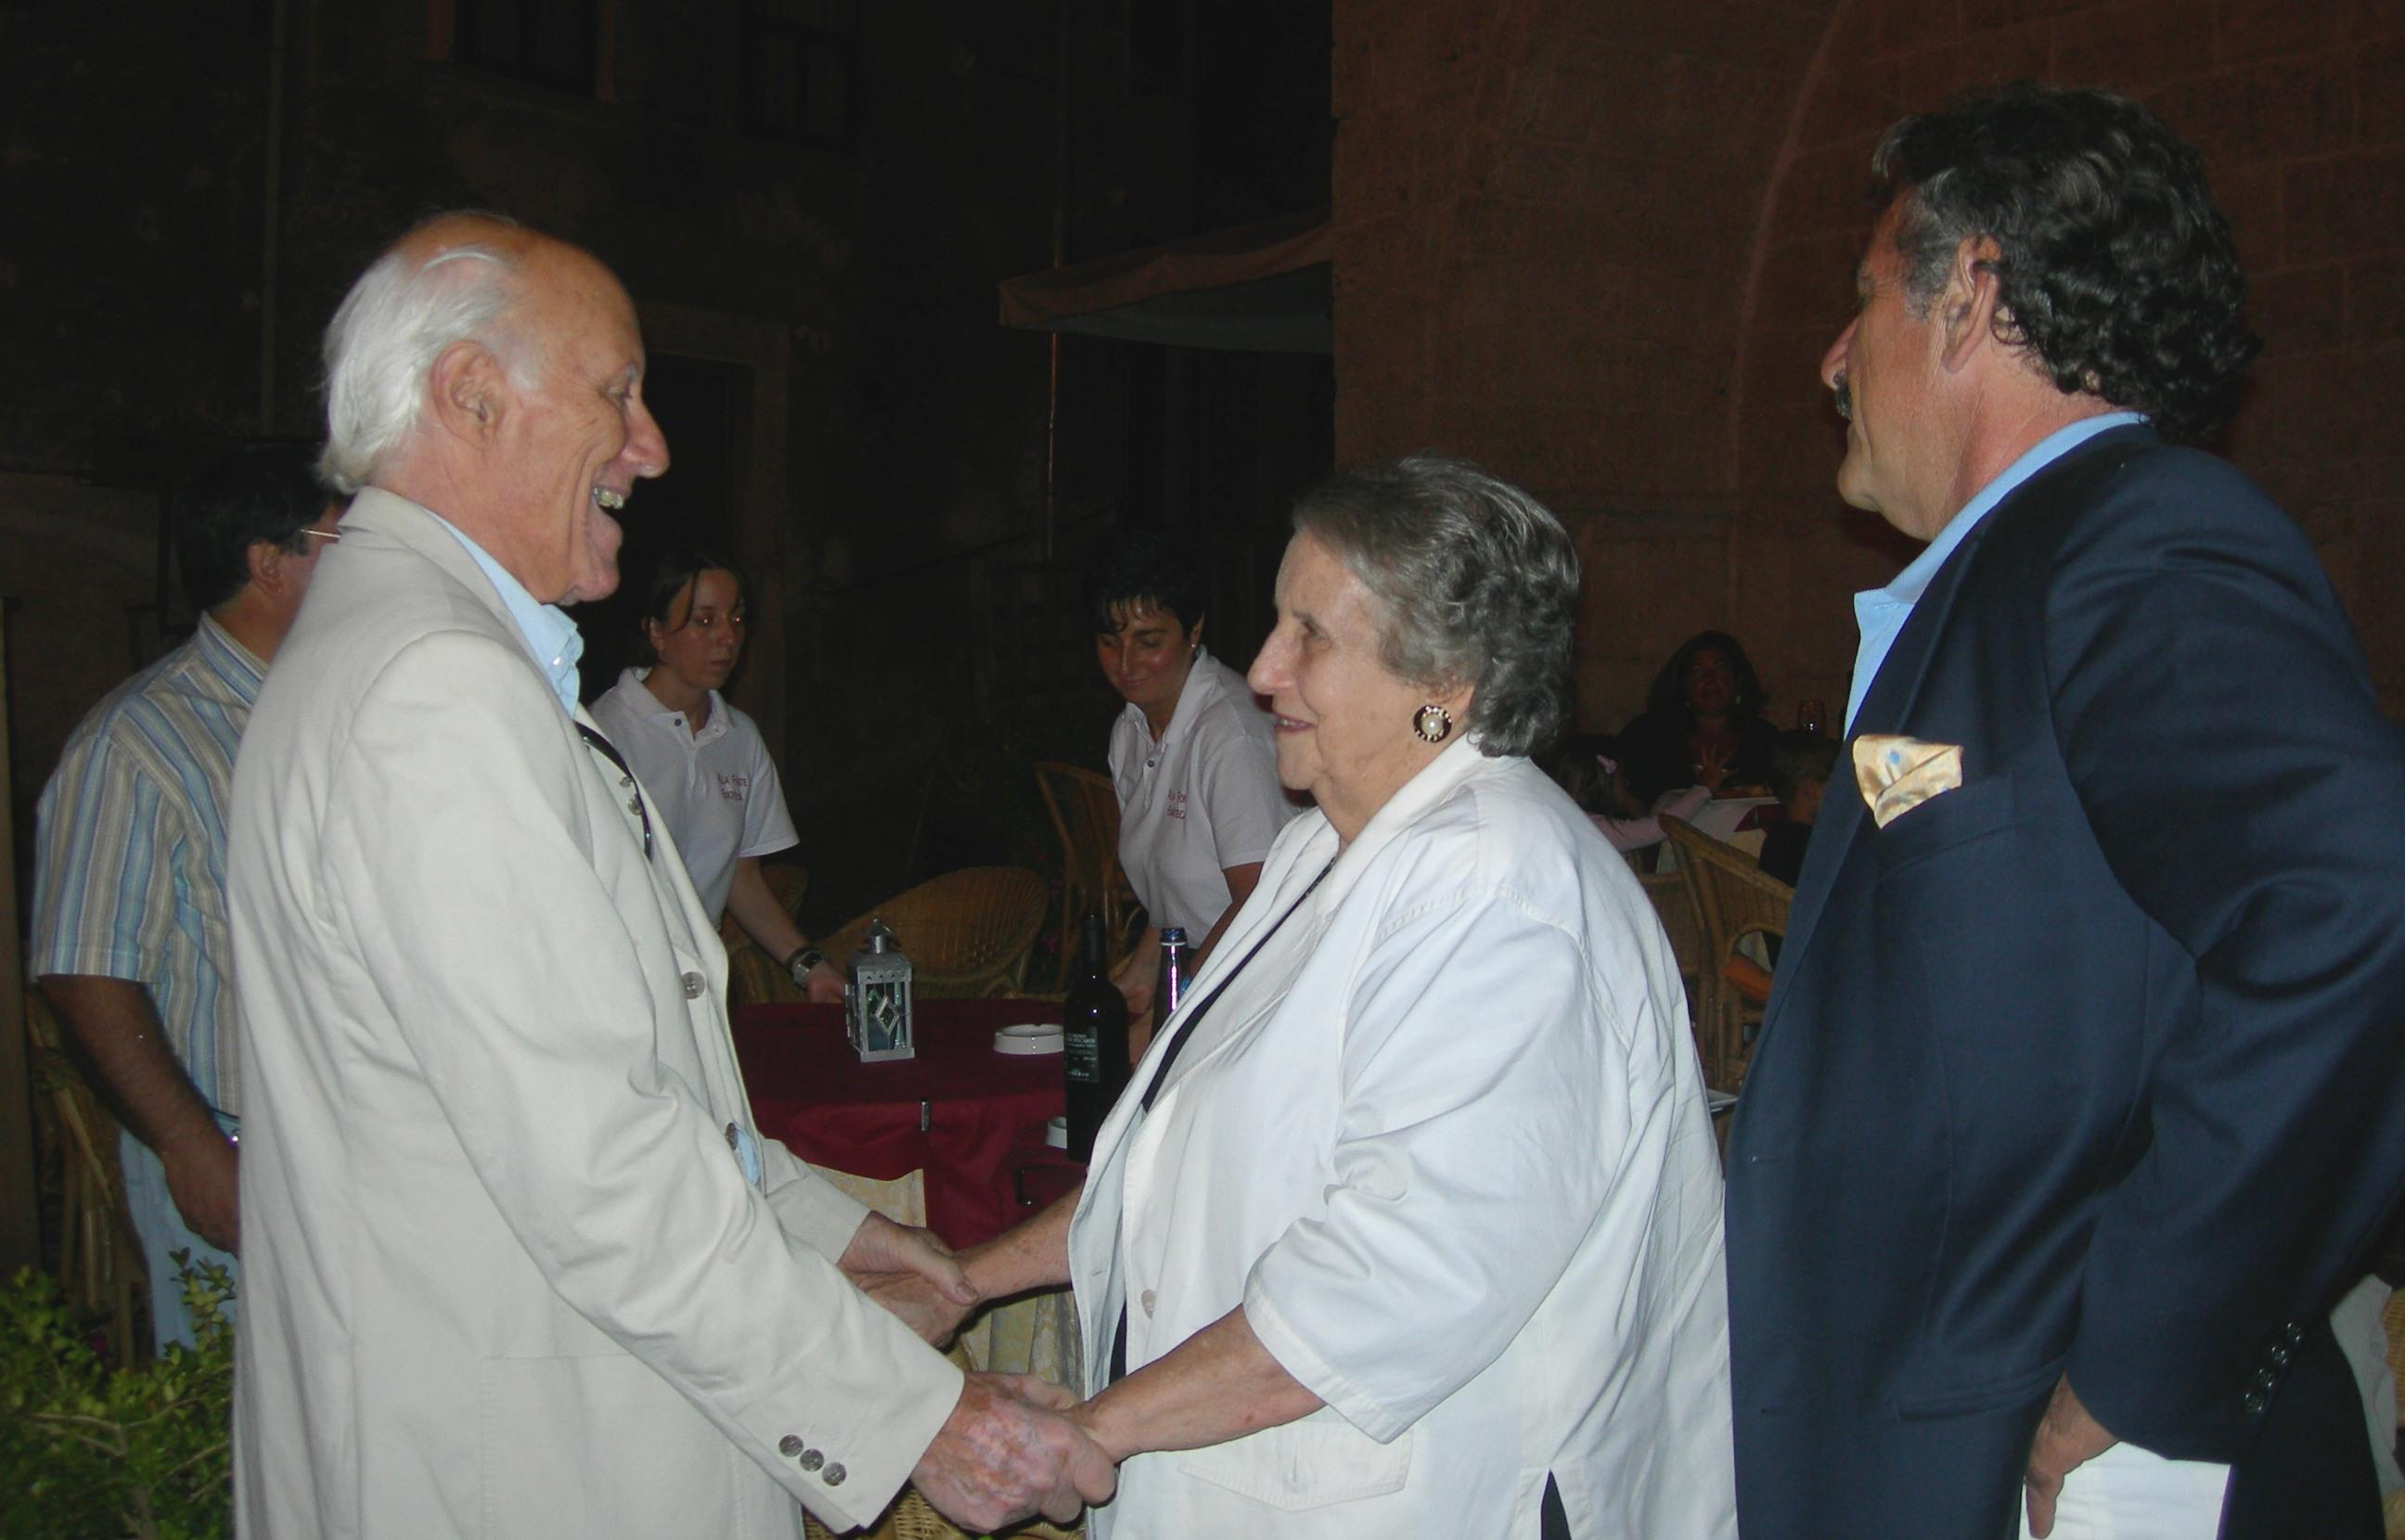 Euro Teodori con la figlia di Guido Celano